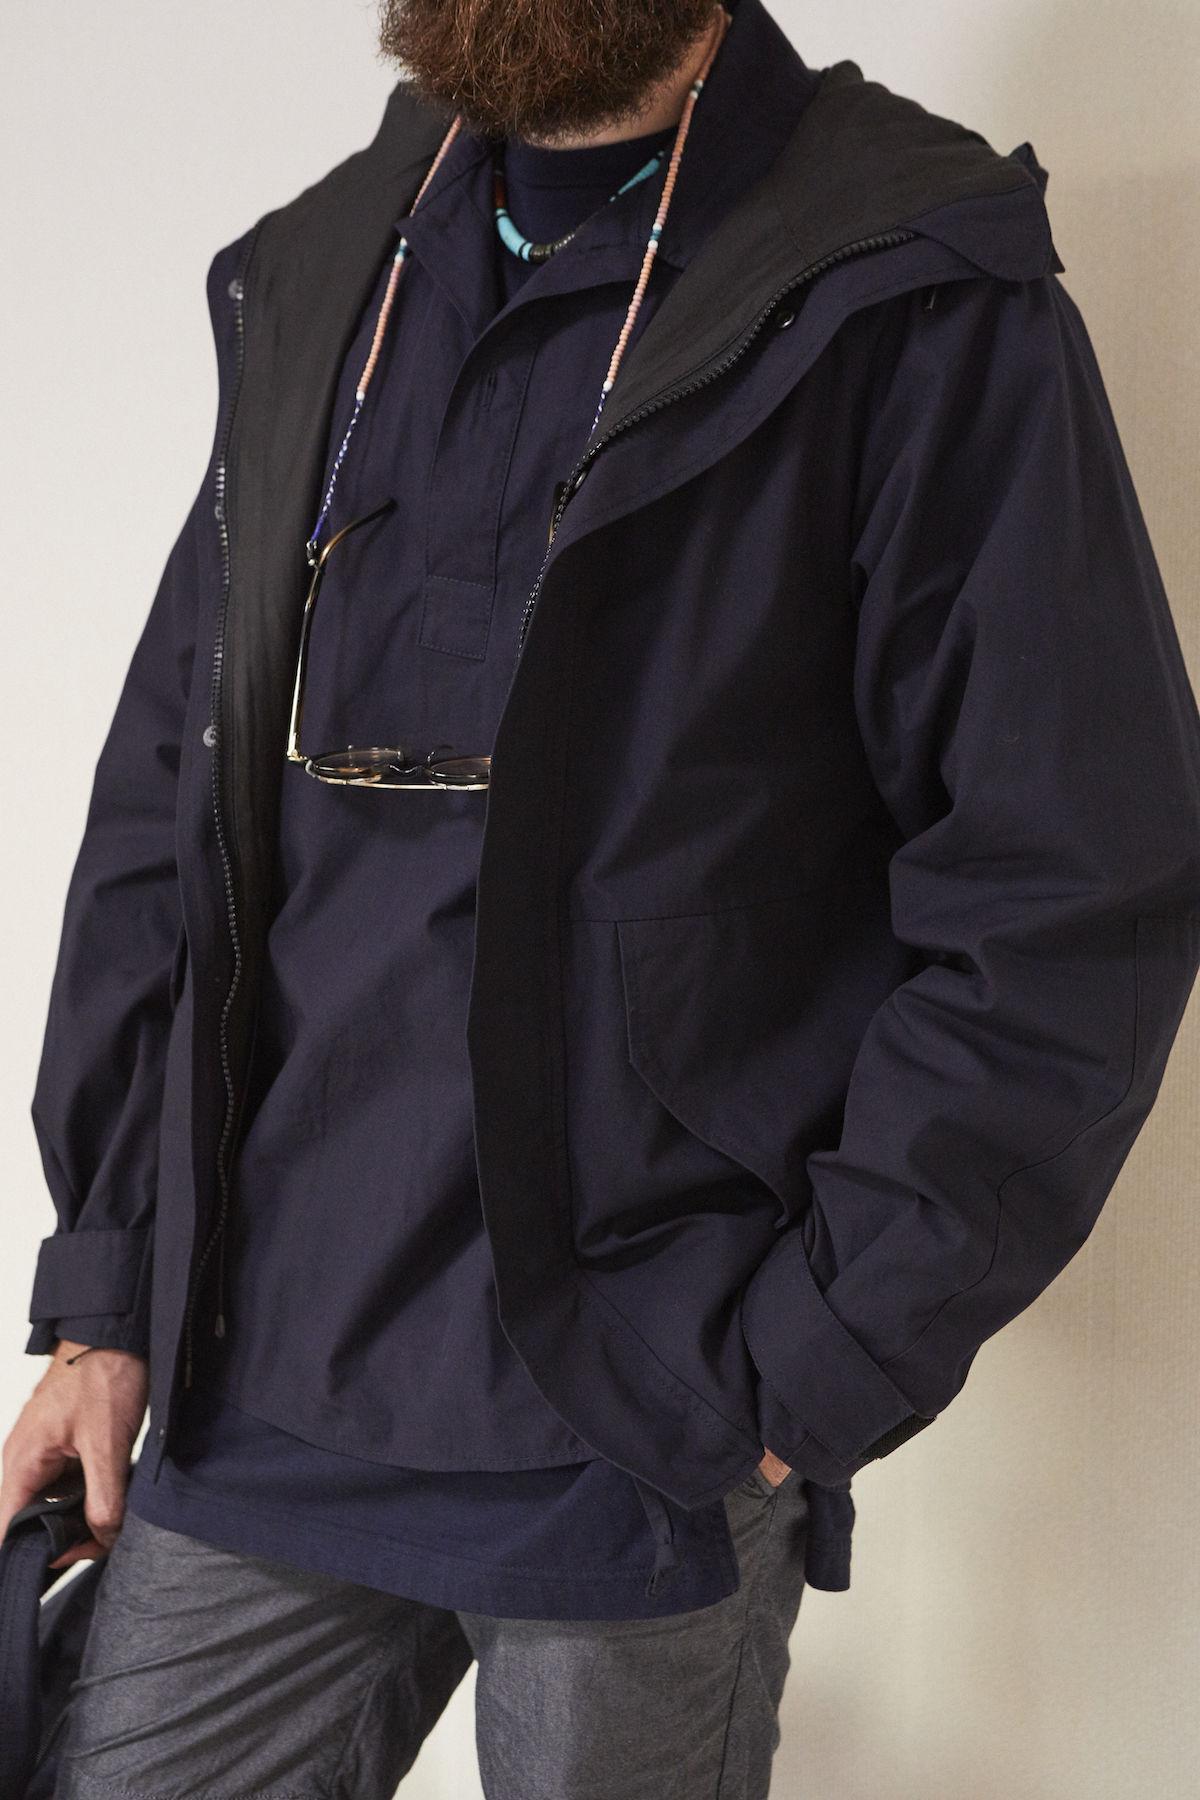 【ルック】ストリートとモード、ビジネスを横断。ブランド「BLANCK」を知ってる?ナノ・ユニバースでポップアップも! fashion180309_blanck8-1200x1800